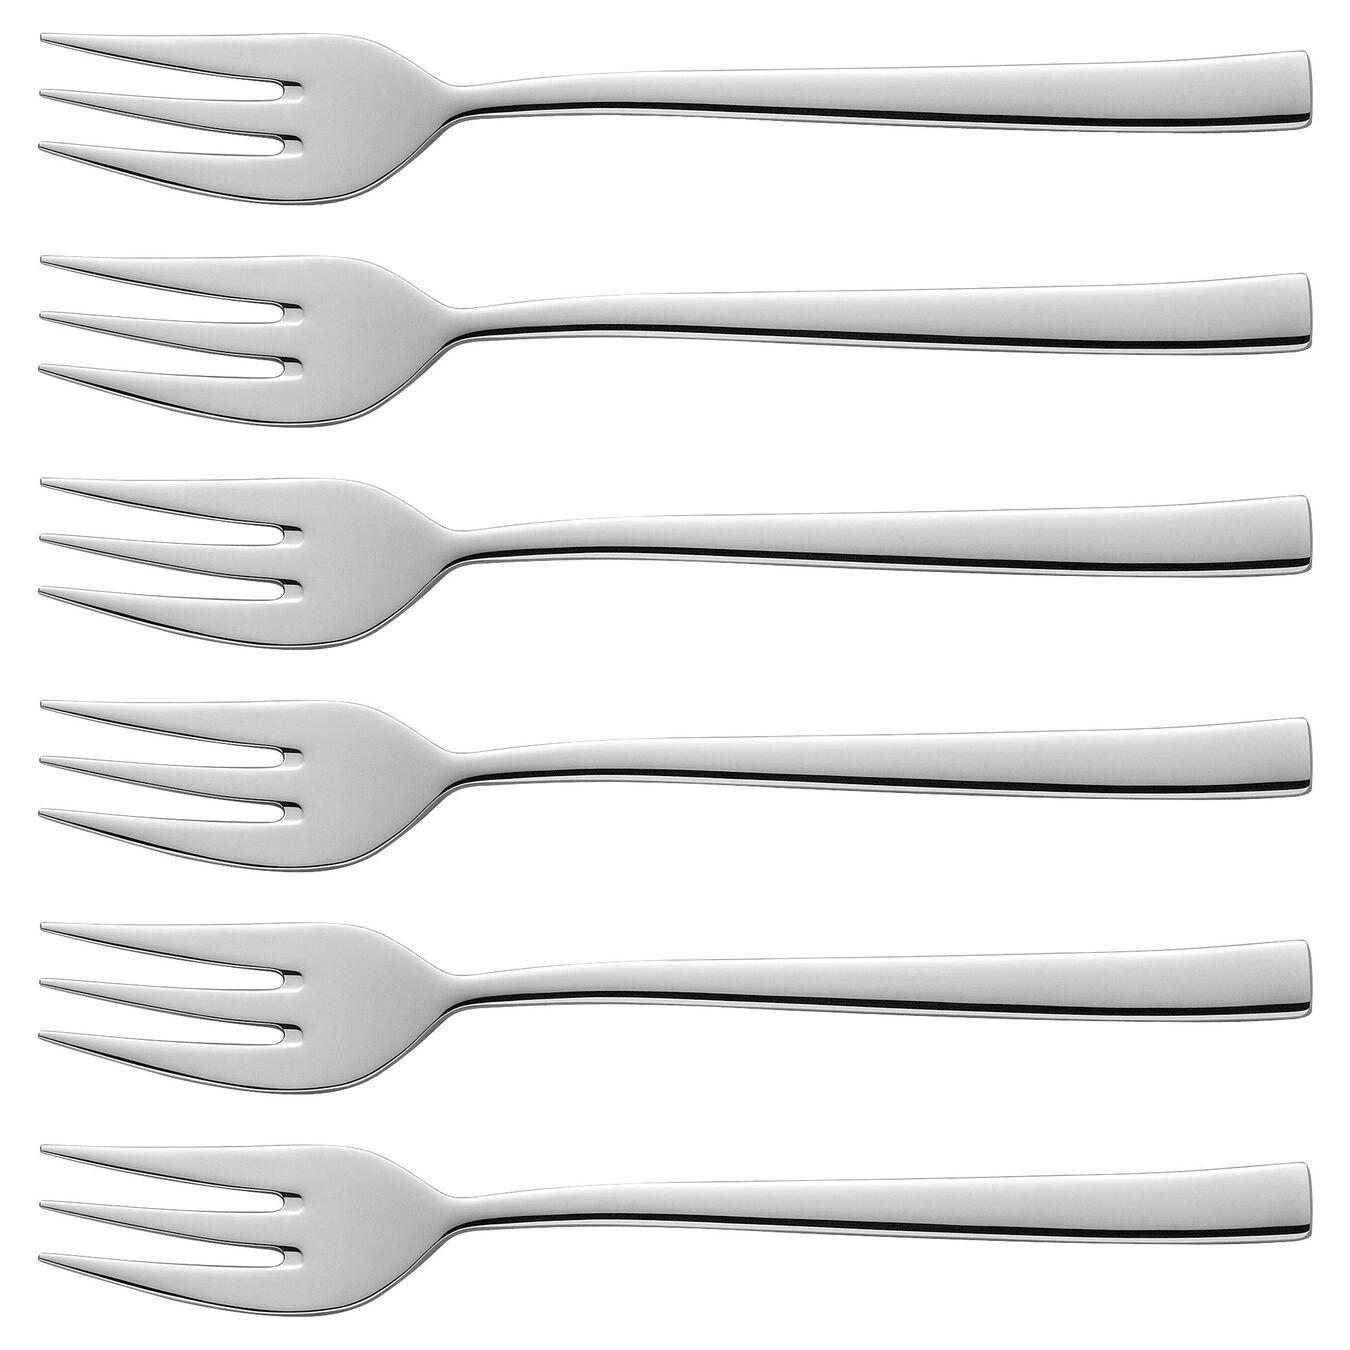 Set di forchette da dolce - 6-pz., 18/10 acciaio inossidabile,,large 1